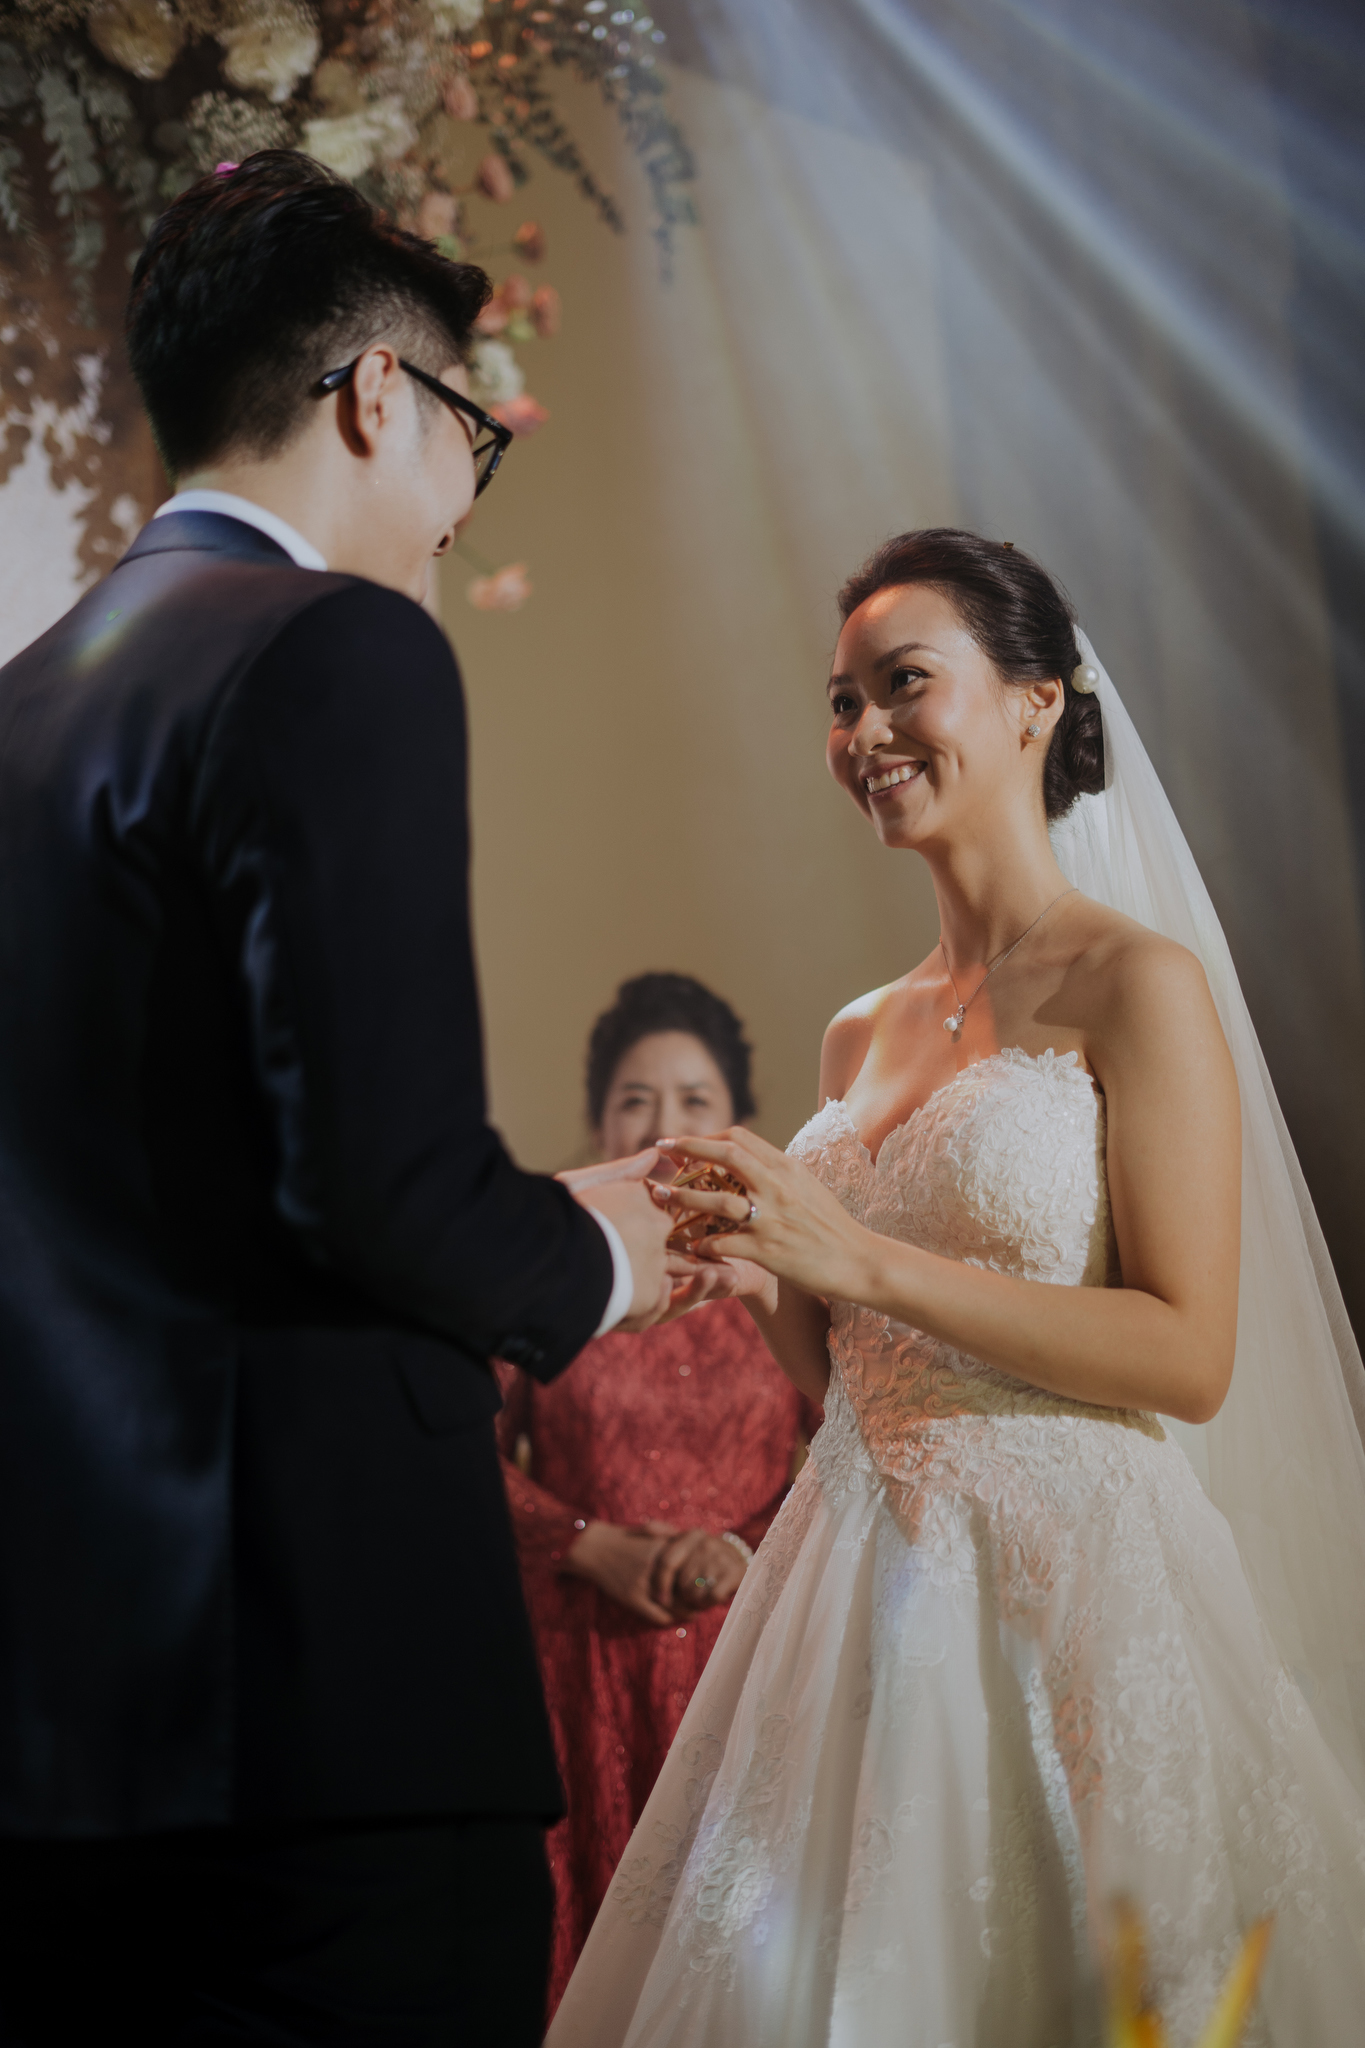 https://huk.s3.amazonaws.com/uploads/image/source/1446/Phuong-Diep-HN-Ceremony-2-0180.JPG